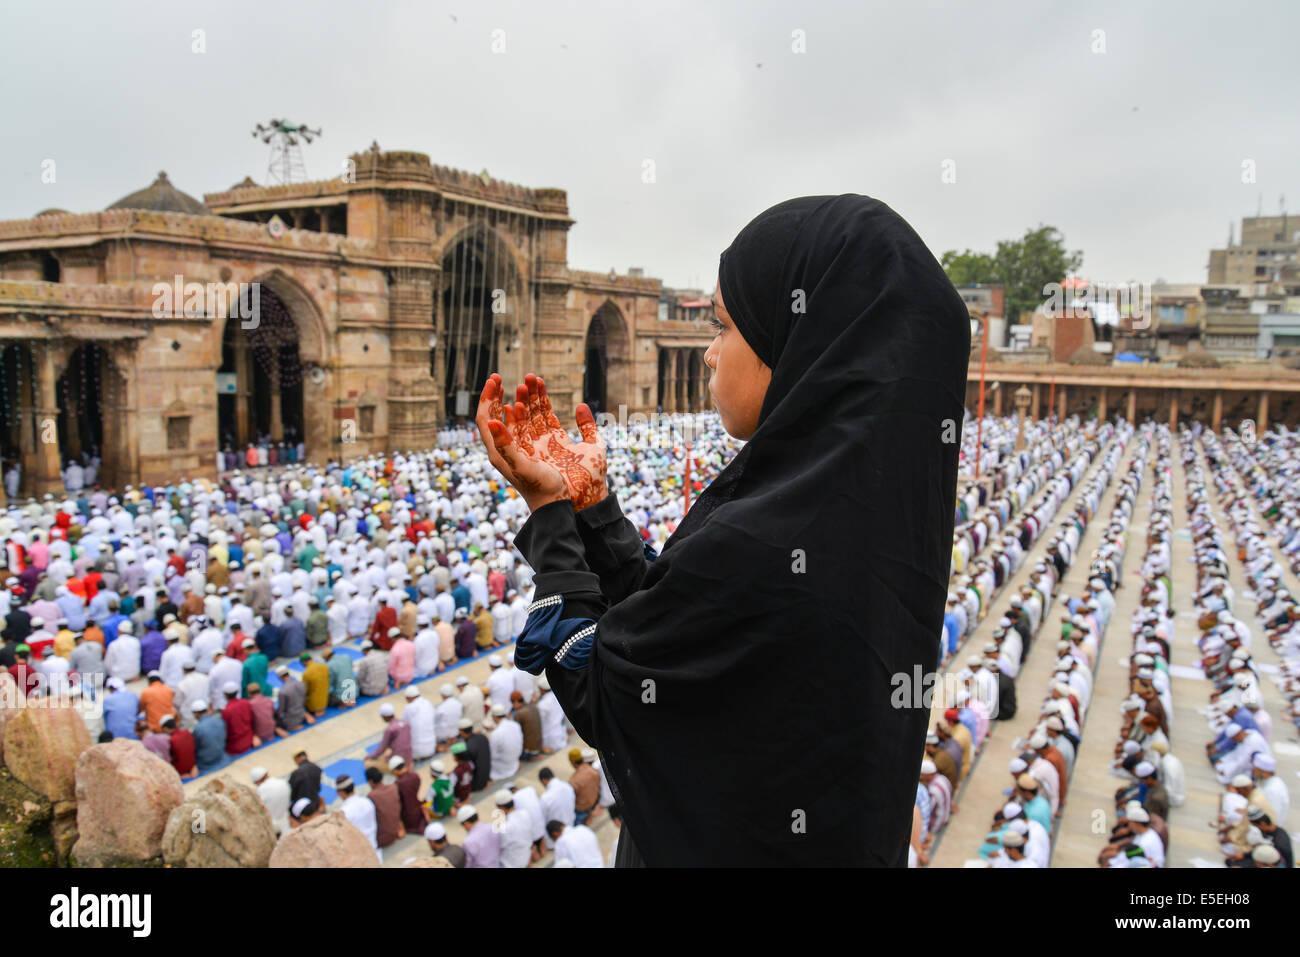 En Ahmedabad, India. El 29 de julio, 2014. Los musulmanes celebran el Eid al-Fitr, que marca el final del mes de Foto de stock